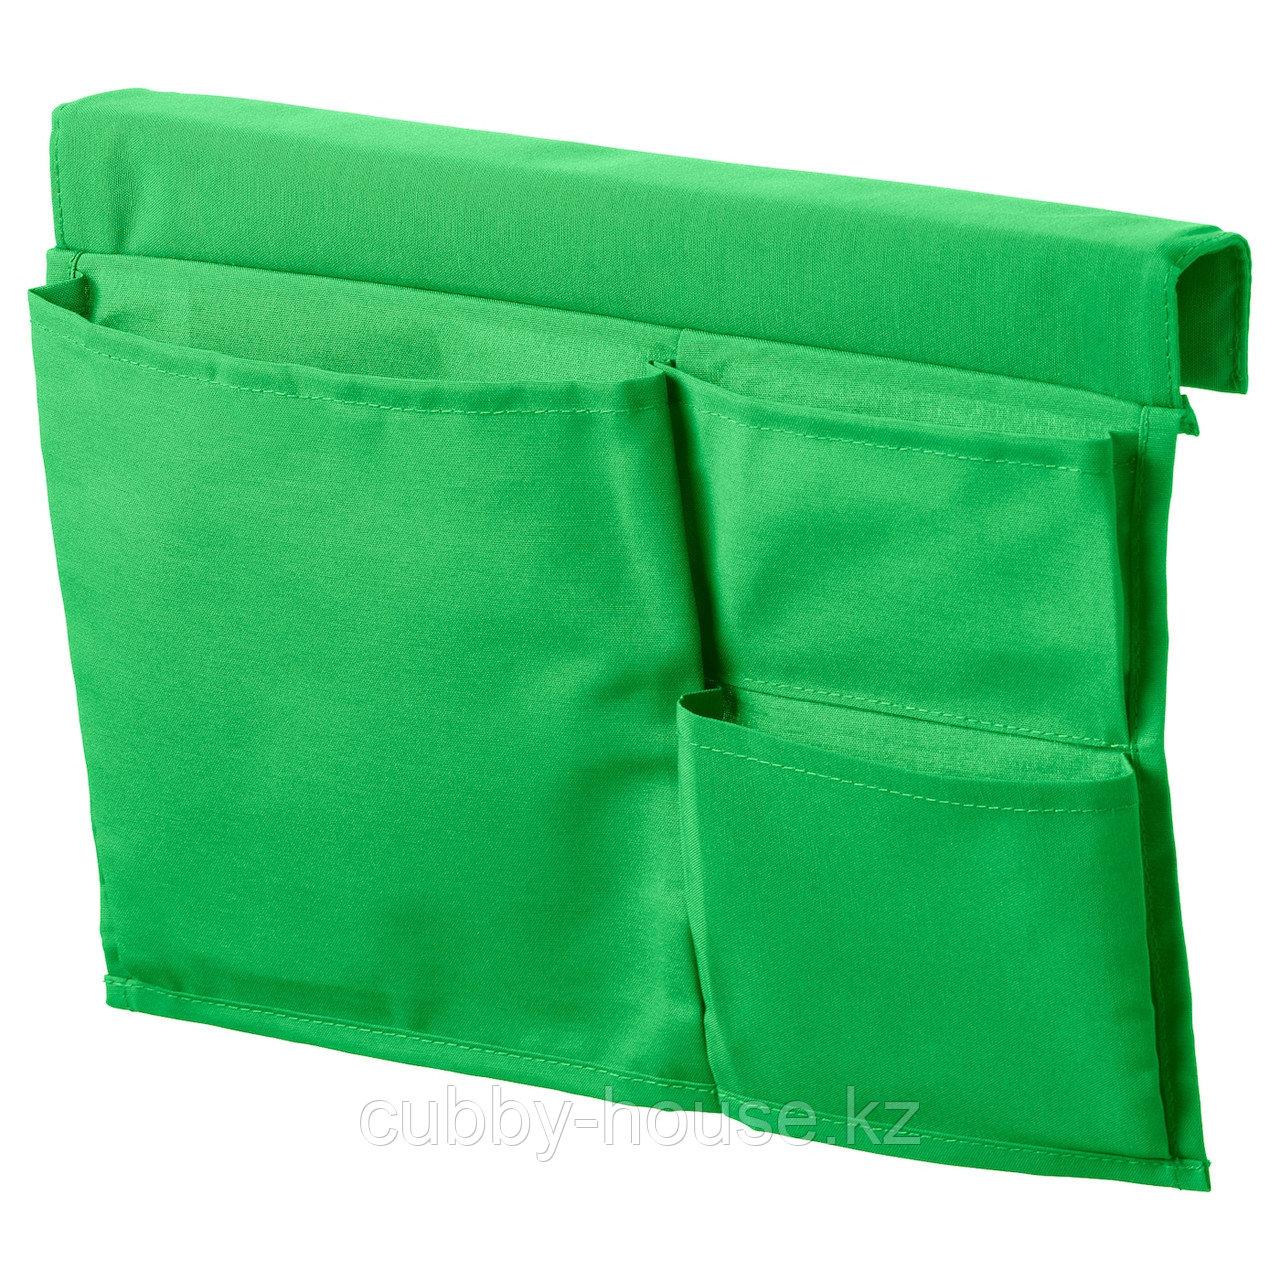 СТИККАТ Карман д/кровати, зеленый, 39x30 см